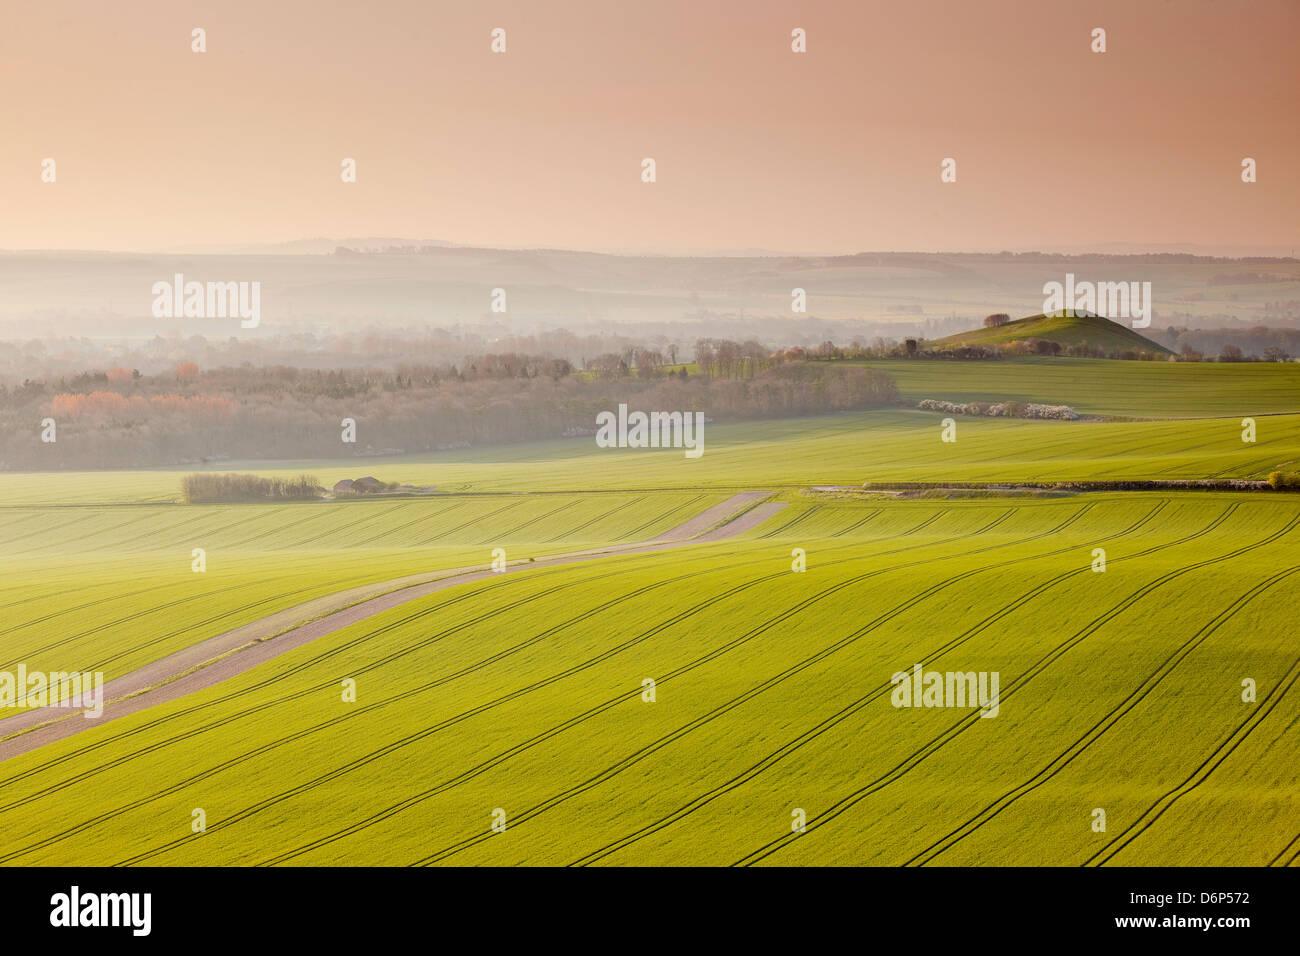 La vallée de Pewsey à la première lumière, Wiltshire, Angleterre, Royaume-Uni, Europe Photo Stock